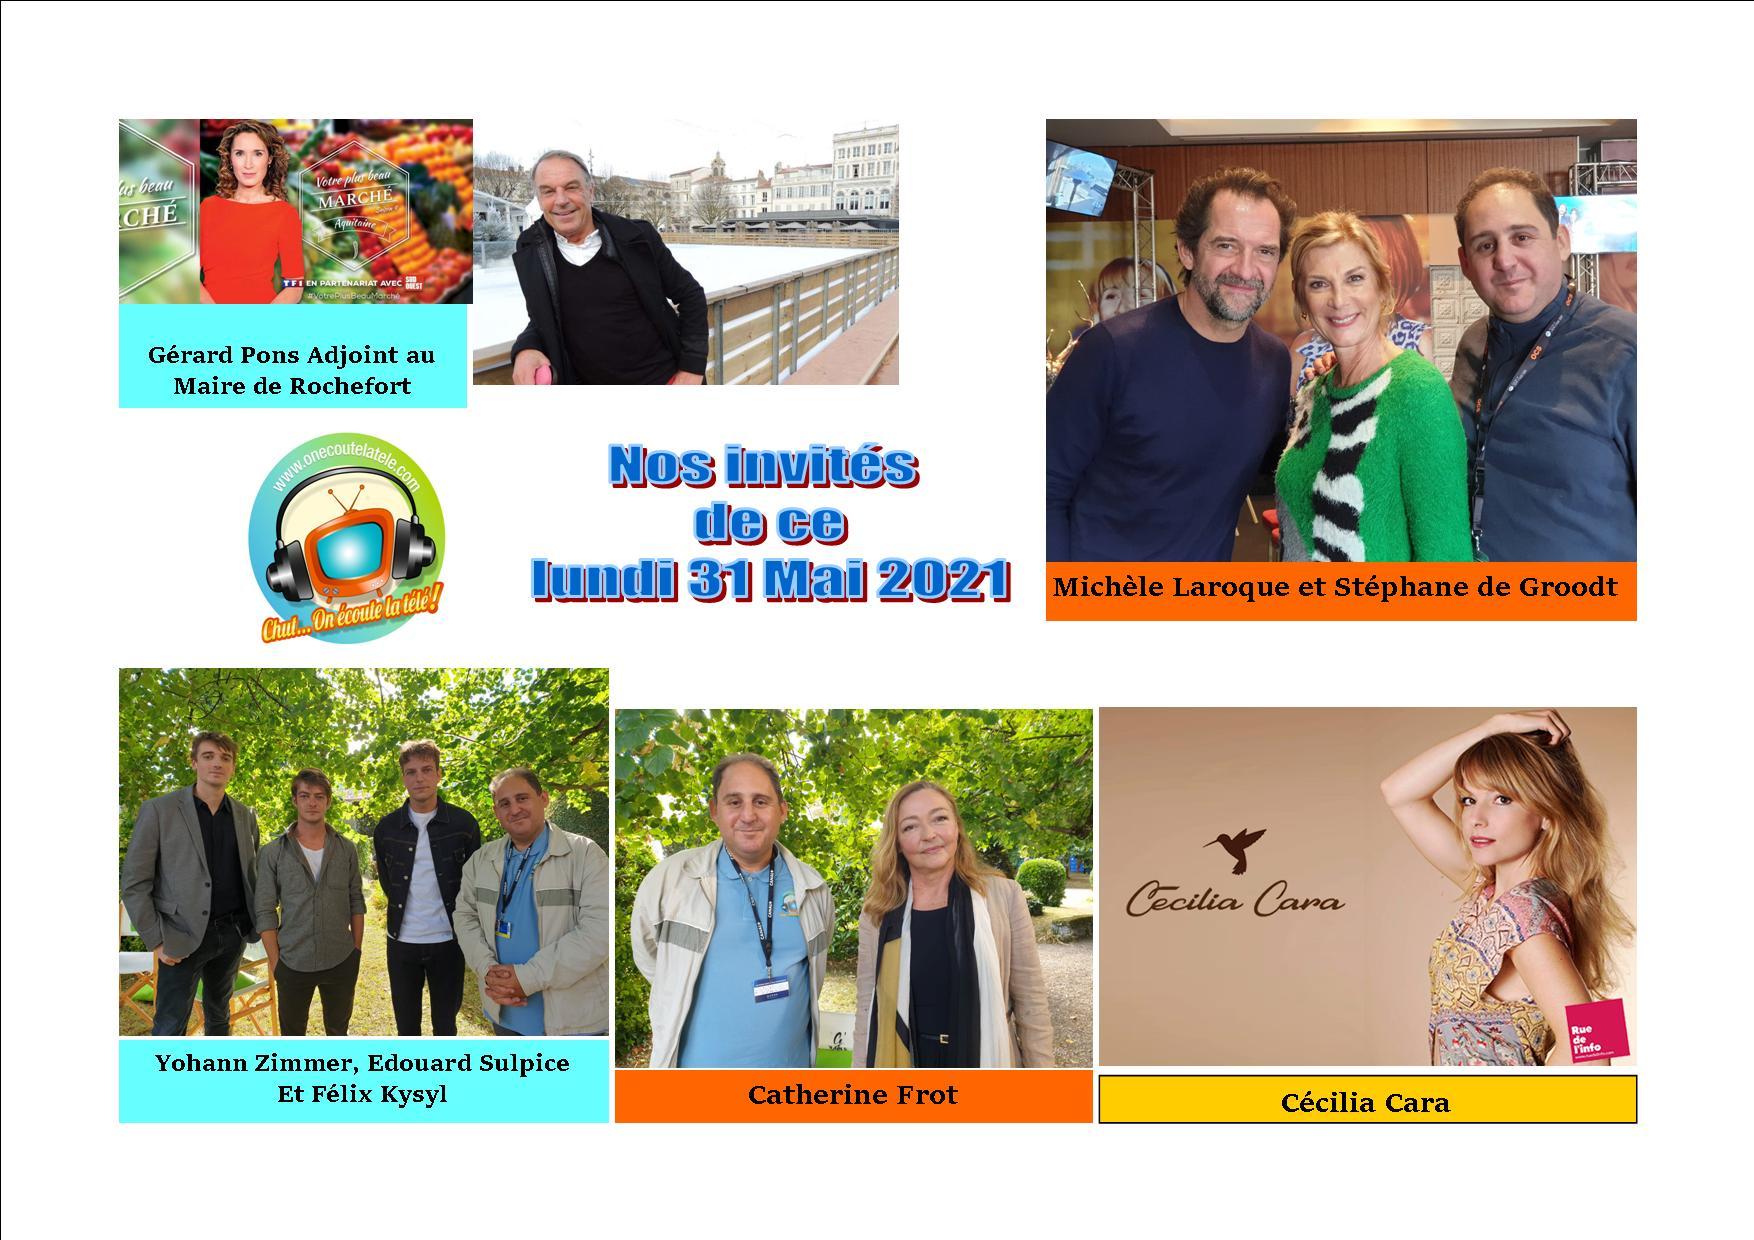 Michèle Laroque, Stéphane de Groodt, Cécilia Cara et Catherine Frot ce lundi 31 Mai dans Chut on écoute la télé